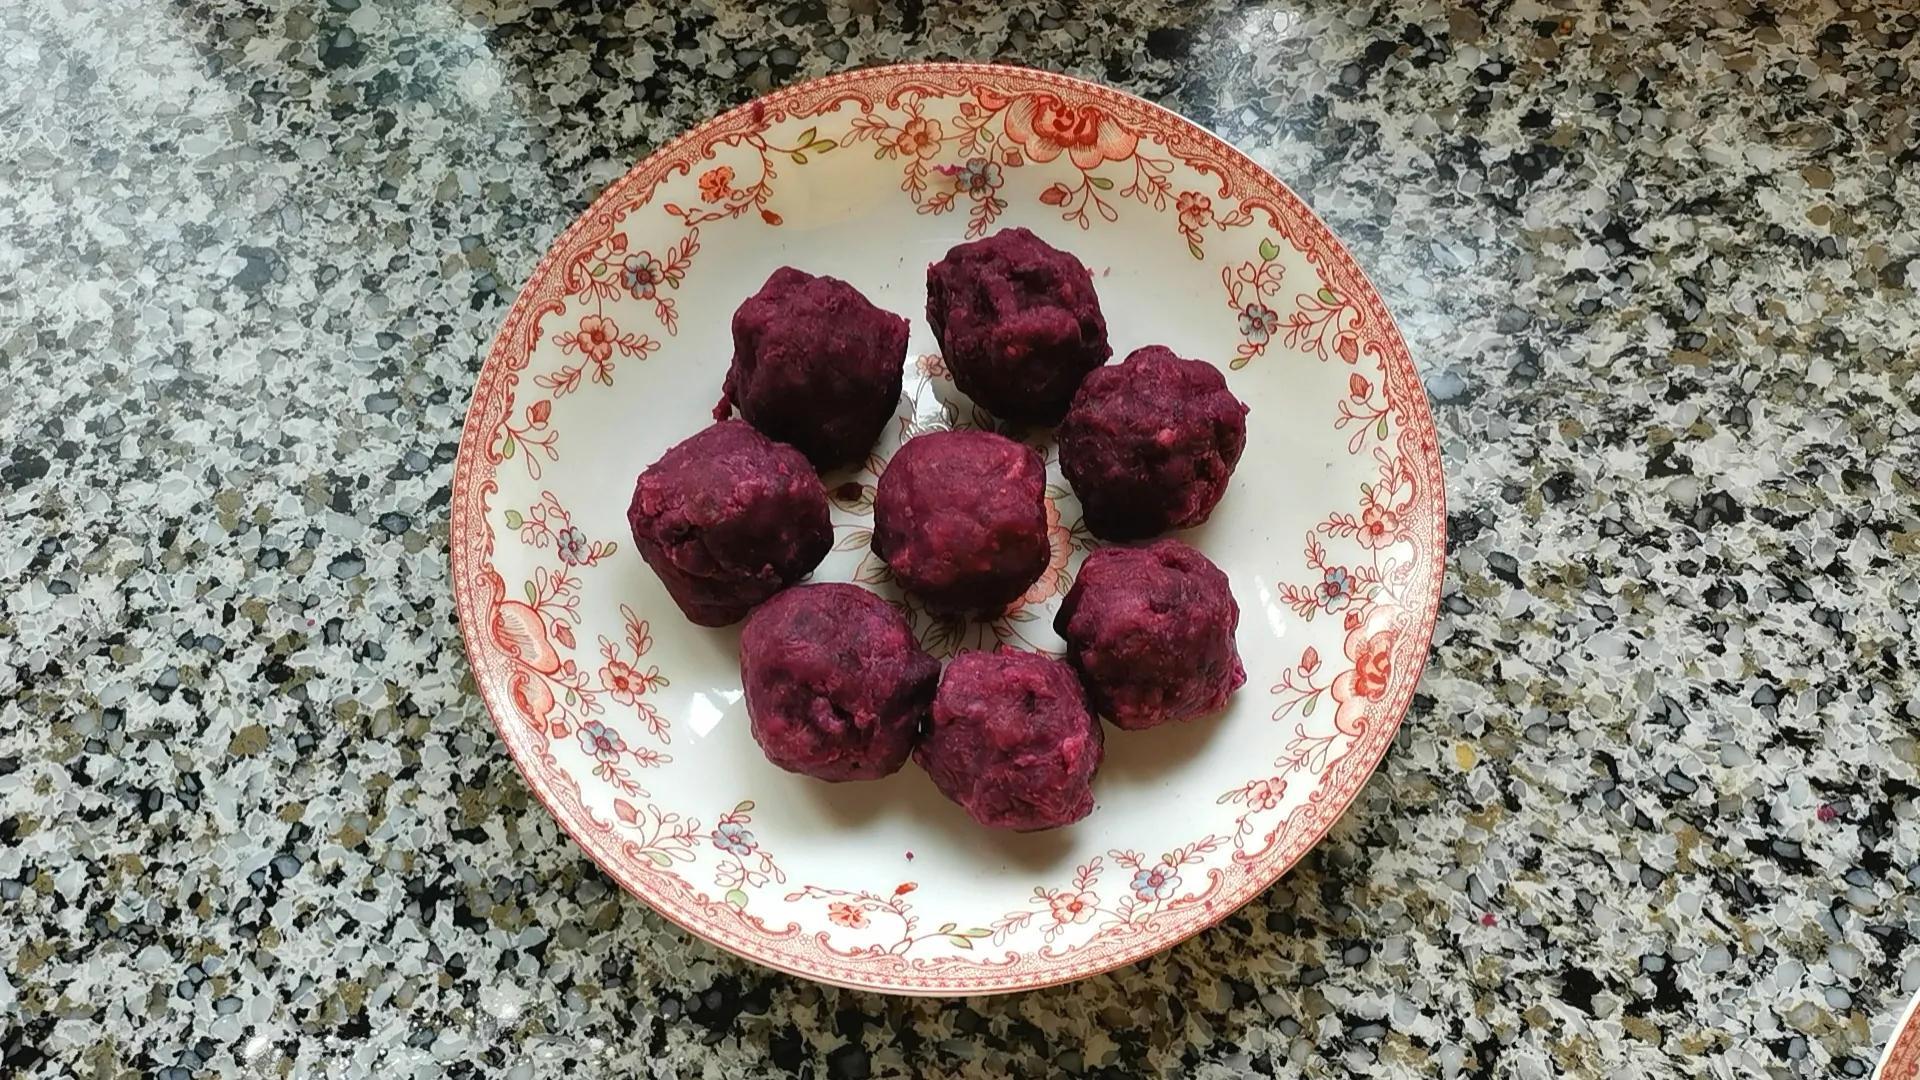 咬一口酥得掉渣的紫薯酥饼,制作简单又好吃,当零食早餐都不错 美食做法 第7张